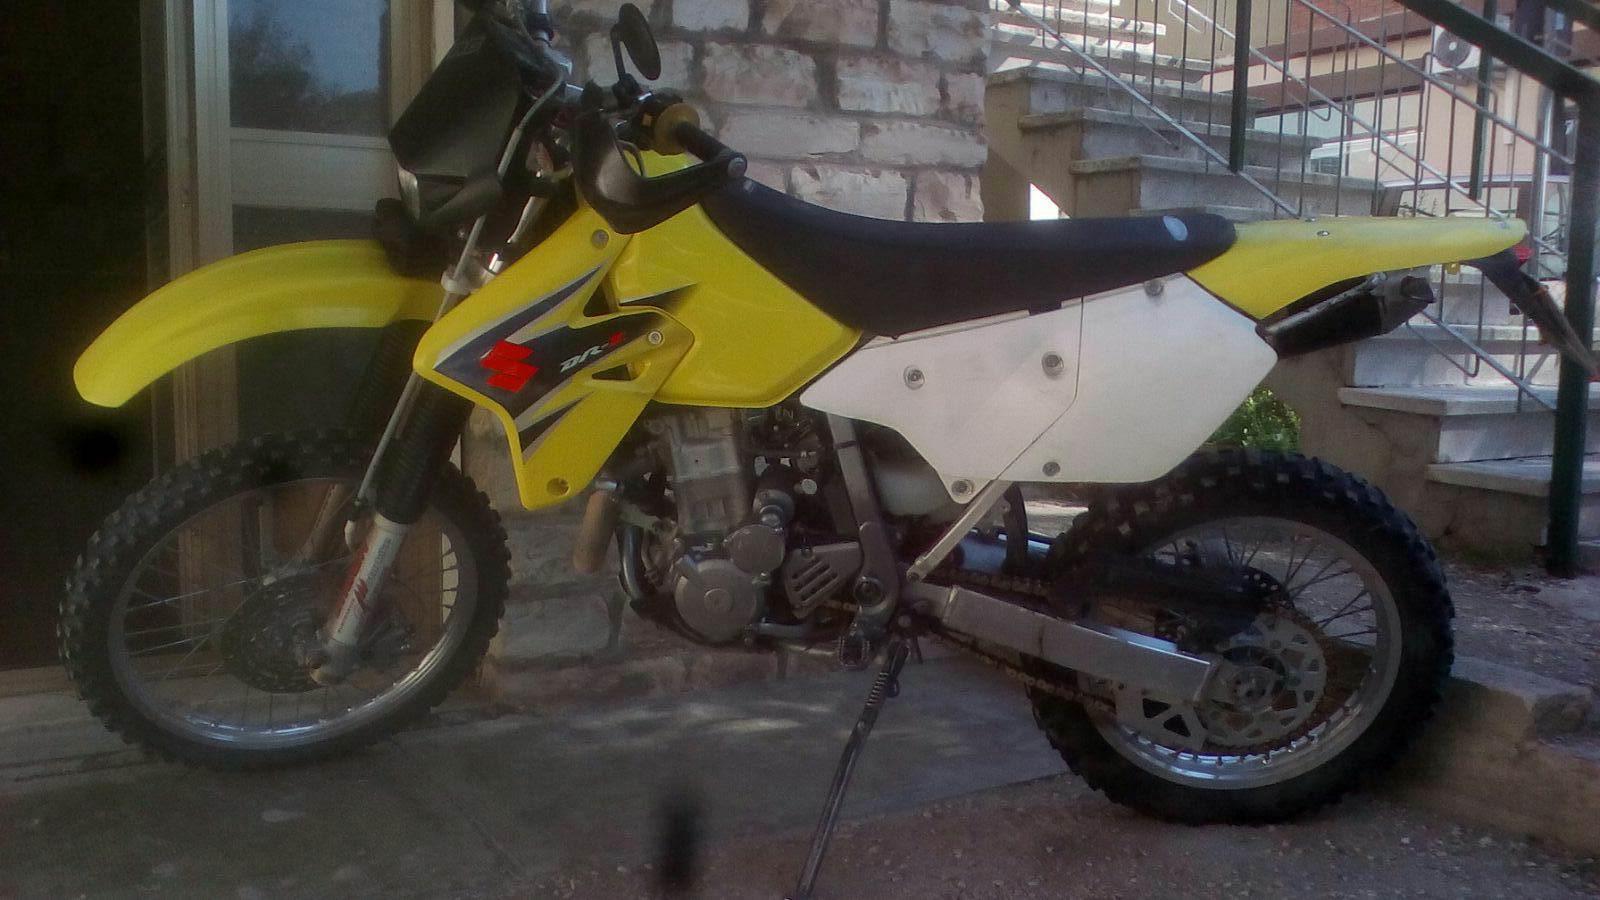 Suzuki dr 400 2008